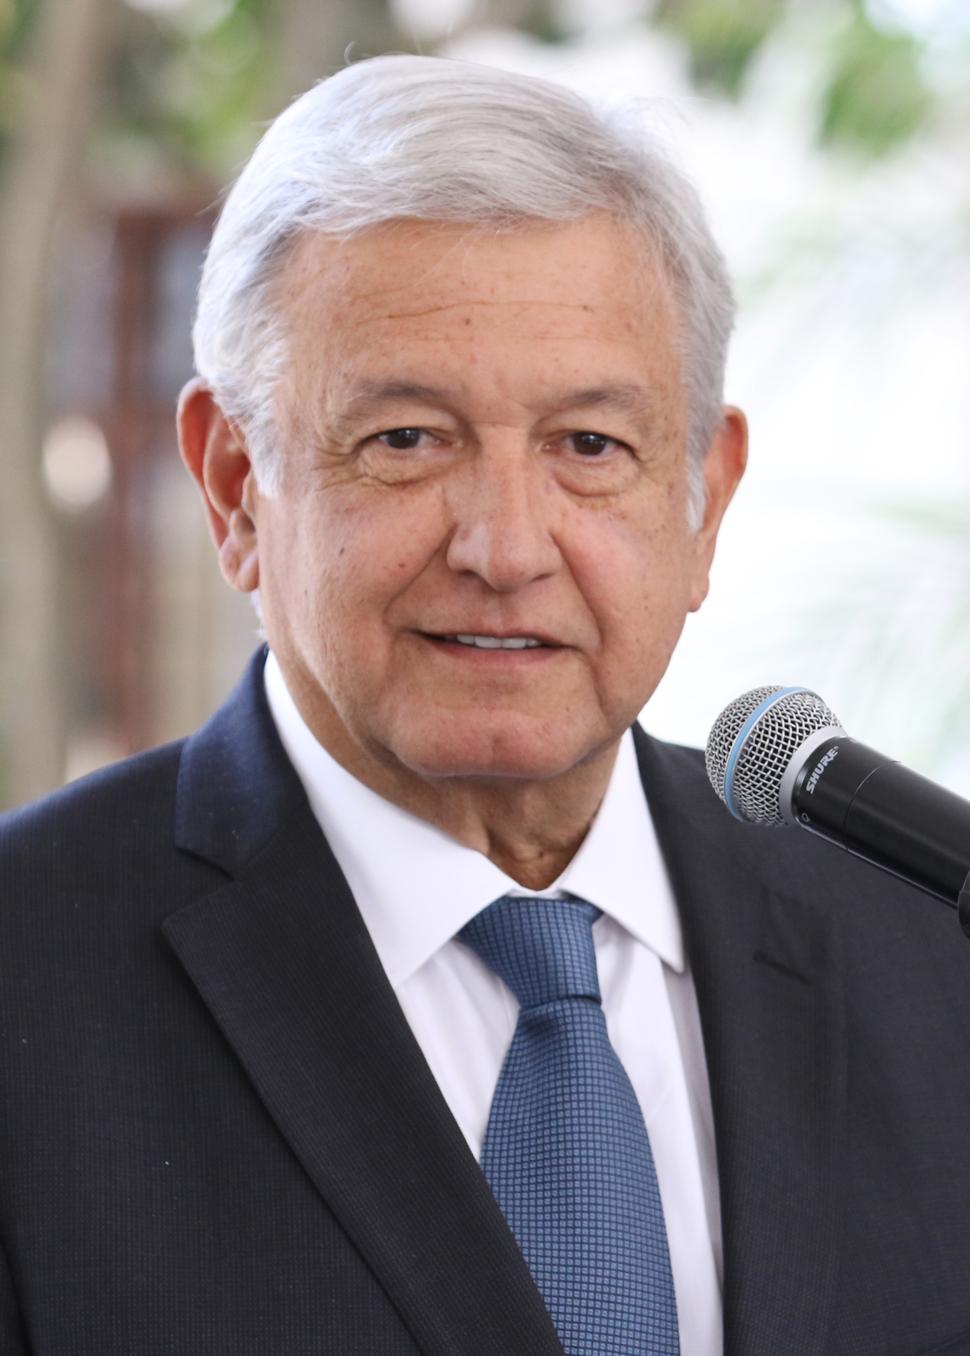 Len%C3%ADn Moreno con el l%C3%ADder mexicano L%C3%B3pez Obrador (Recortado)